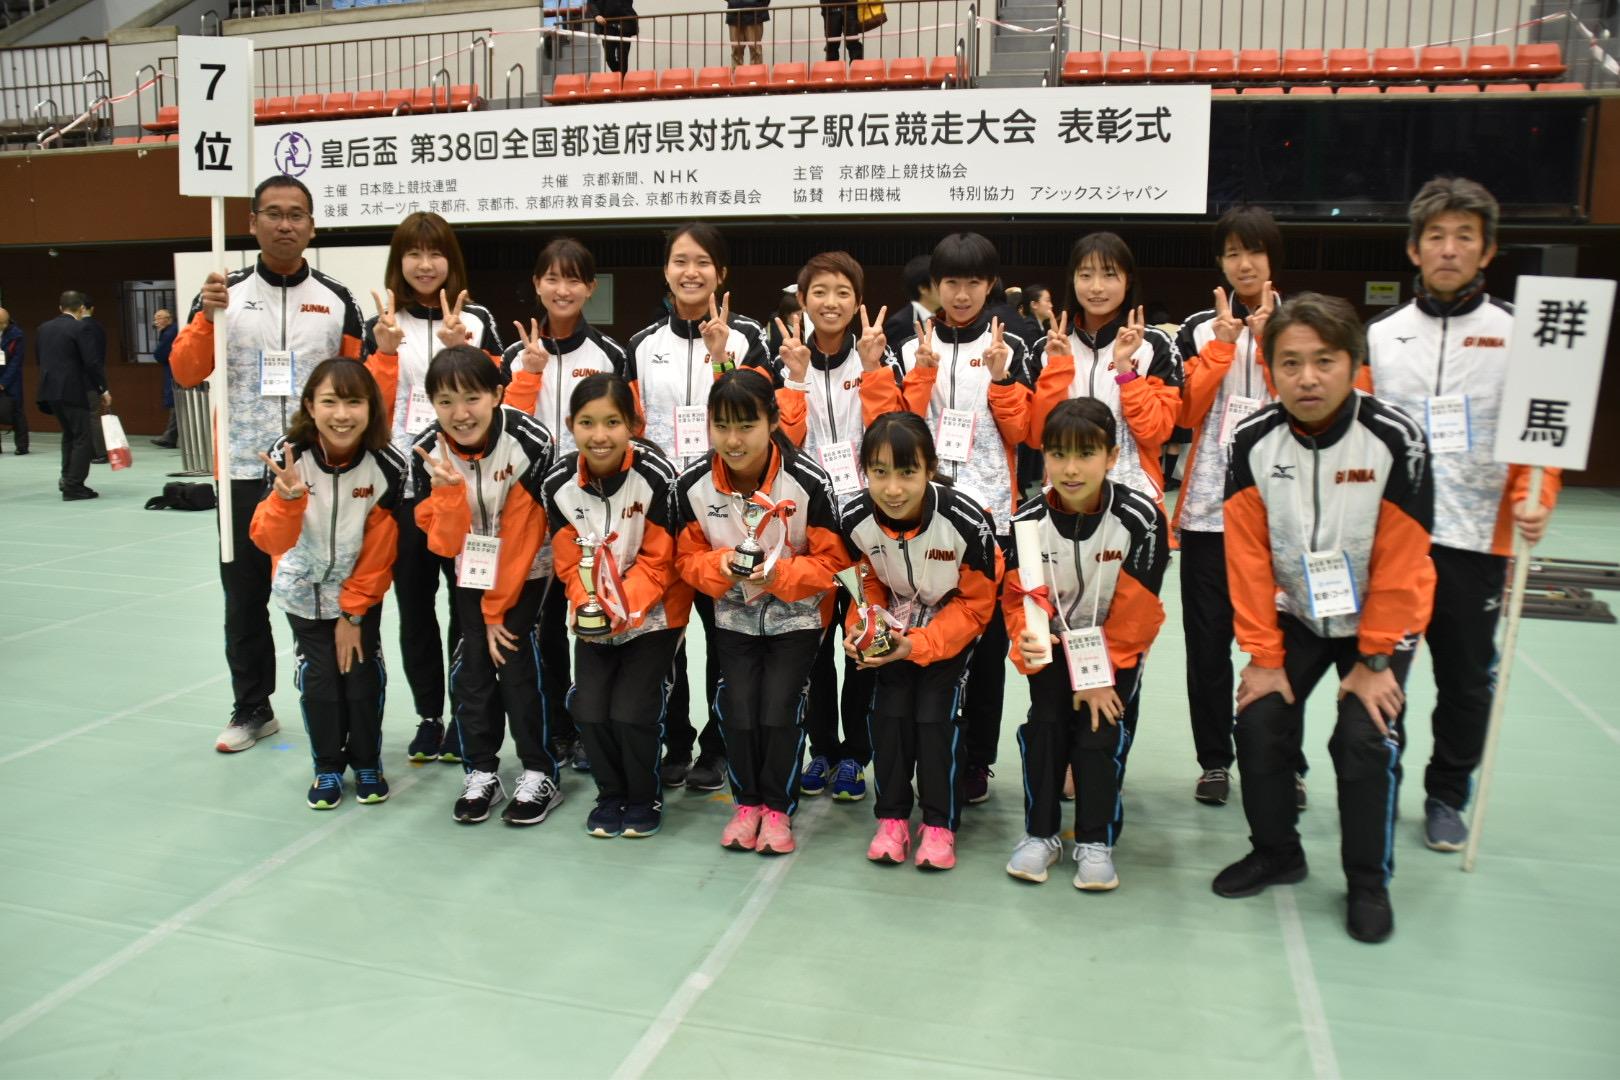 競技 長崎 協会 陸上 県